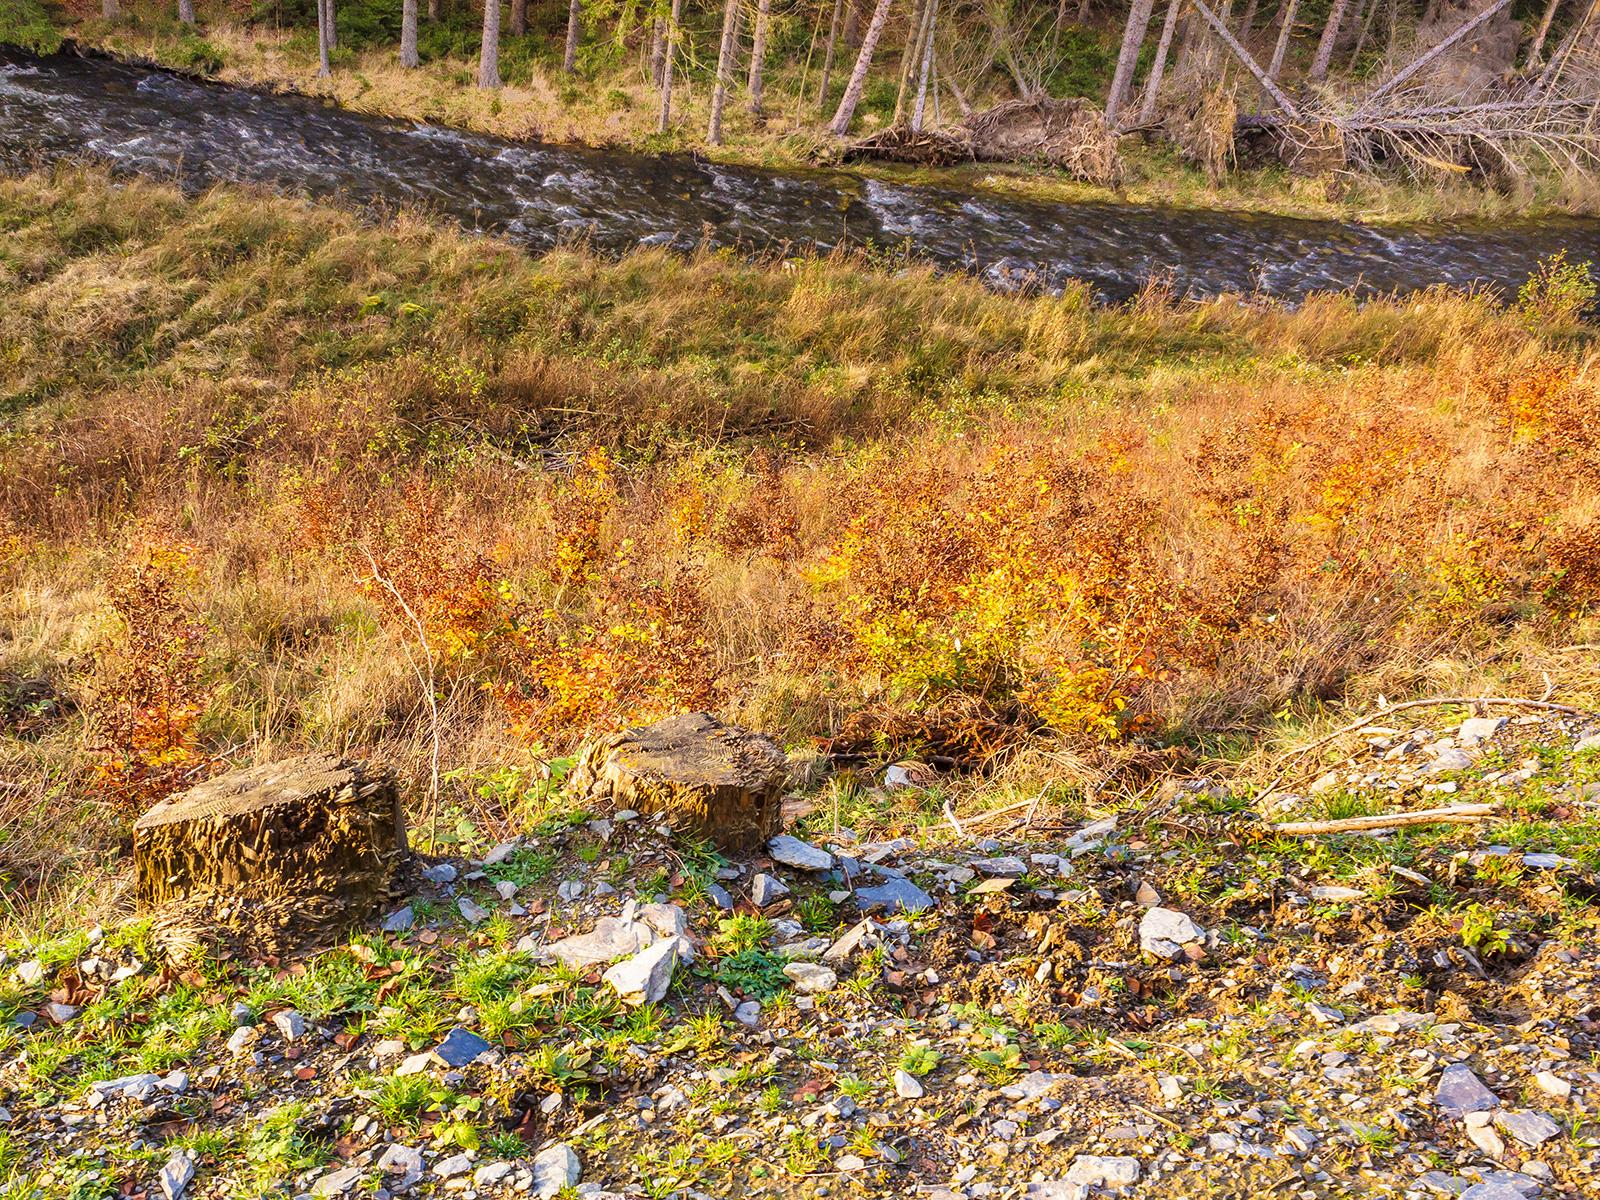 Buchensetzlinge inmitten hoher Gräser